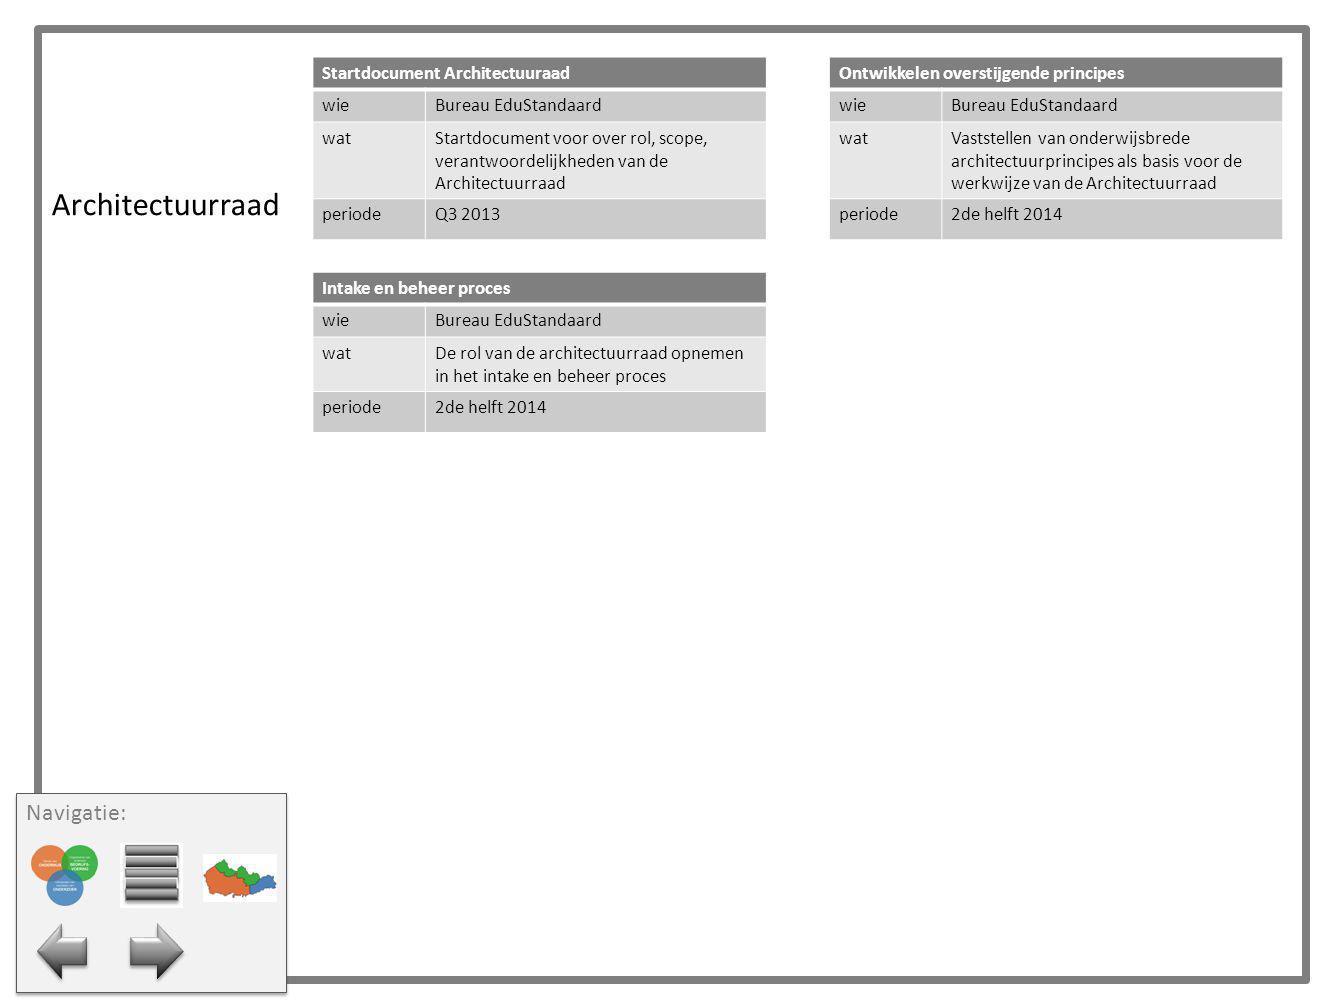 OBK Vocabulaires Verkenning Beroepsgerichte kwalificatiestructuur wieSBB, Kennisnet watVerkenning modeleering en invoer van (nieuwe) kwalificatiedossiers in het OBK periodeVerkenning, (2de helft 2013) sectorMBO SLO kernprogramma's wieSLO, Kennisnet watInvoer kernprogramma's in het OBK.